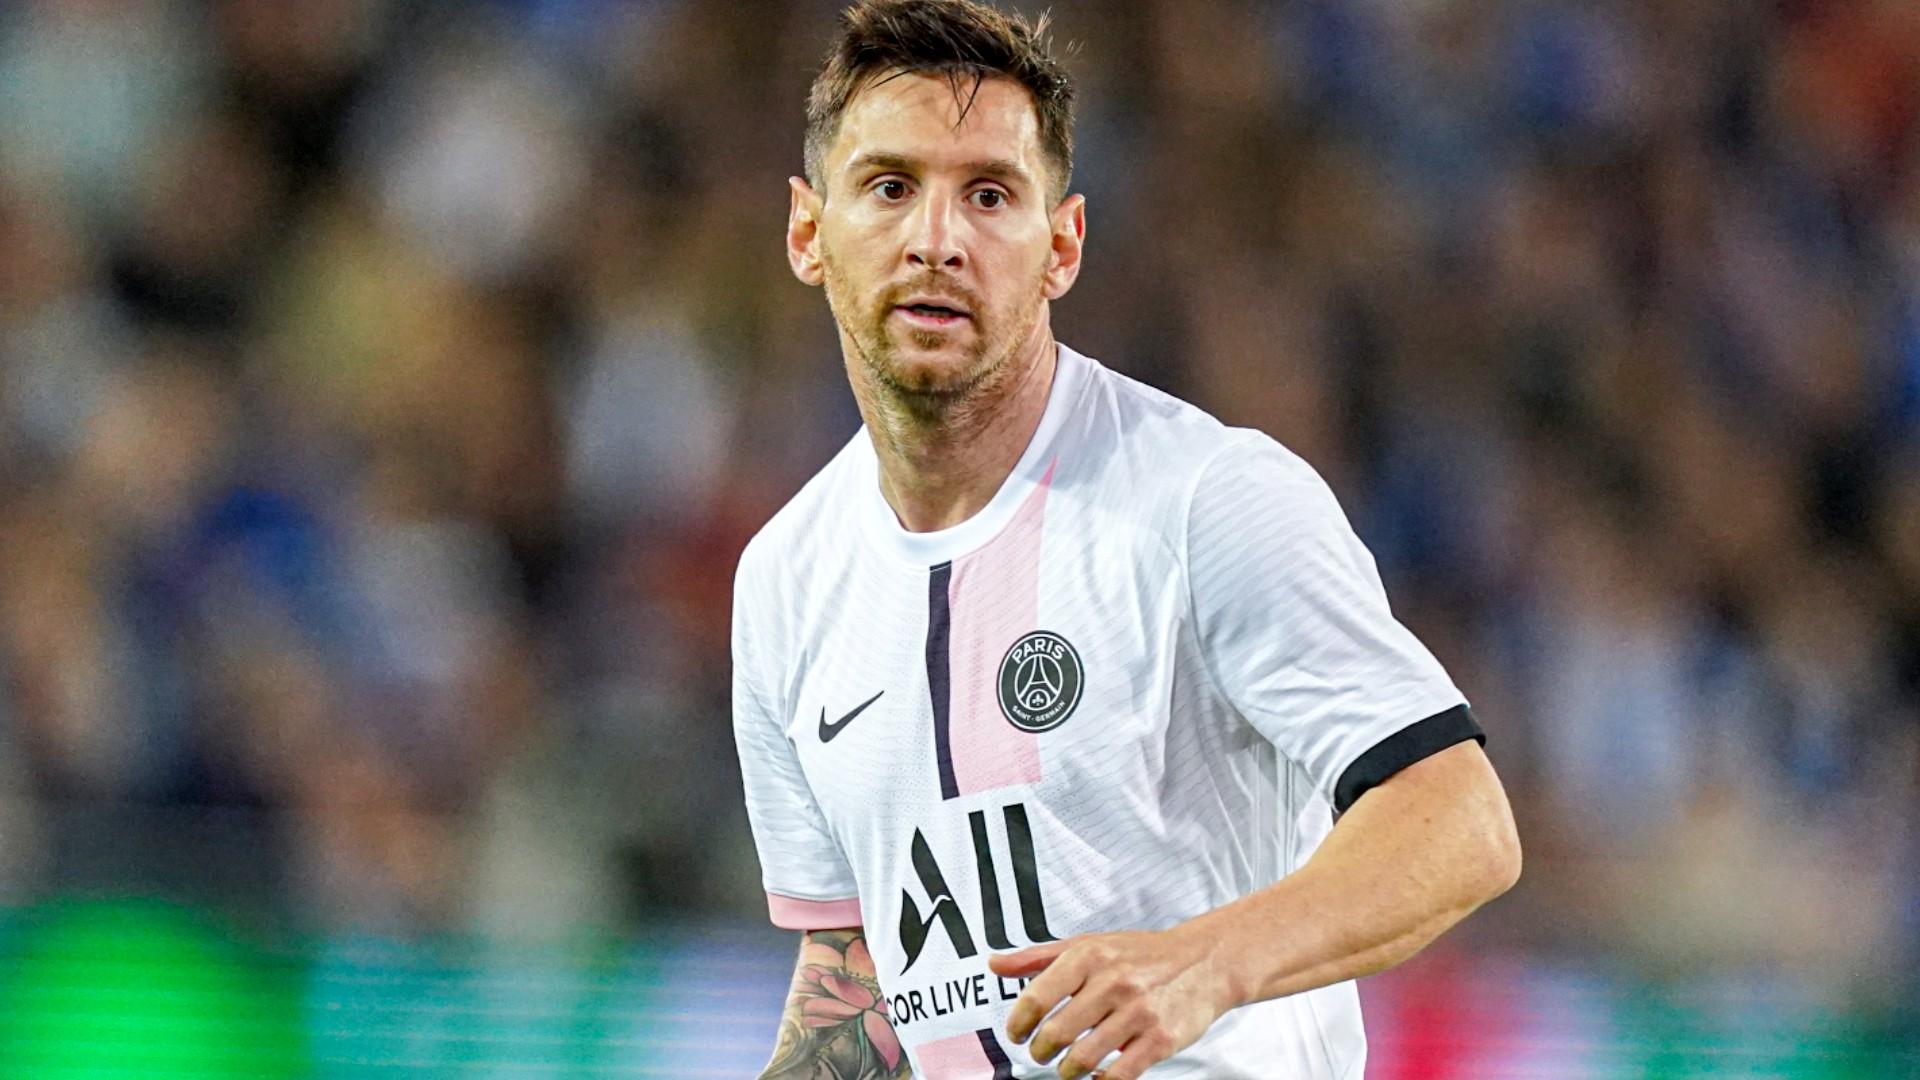 Lionel-messi-psg-champions-league-september-15-2021_iwbl6dpzjlxk1766e5vdv8zb9